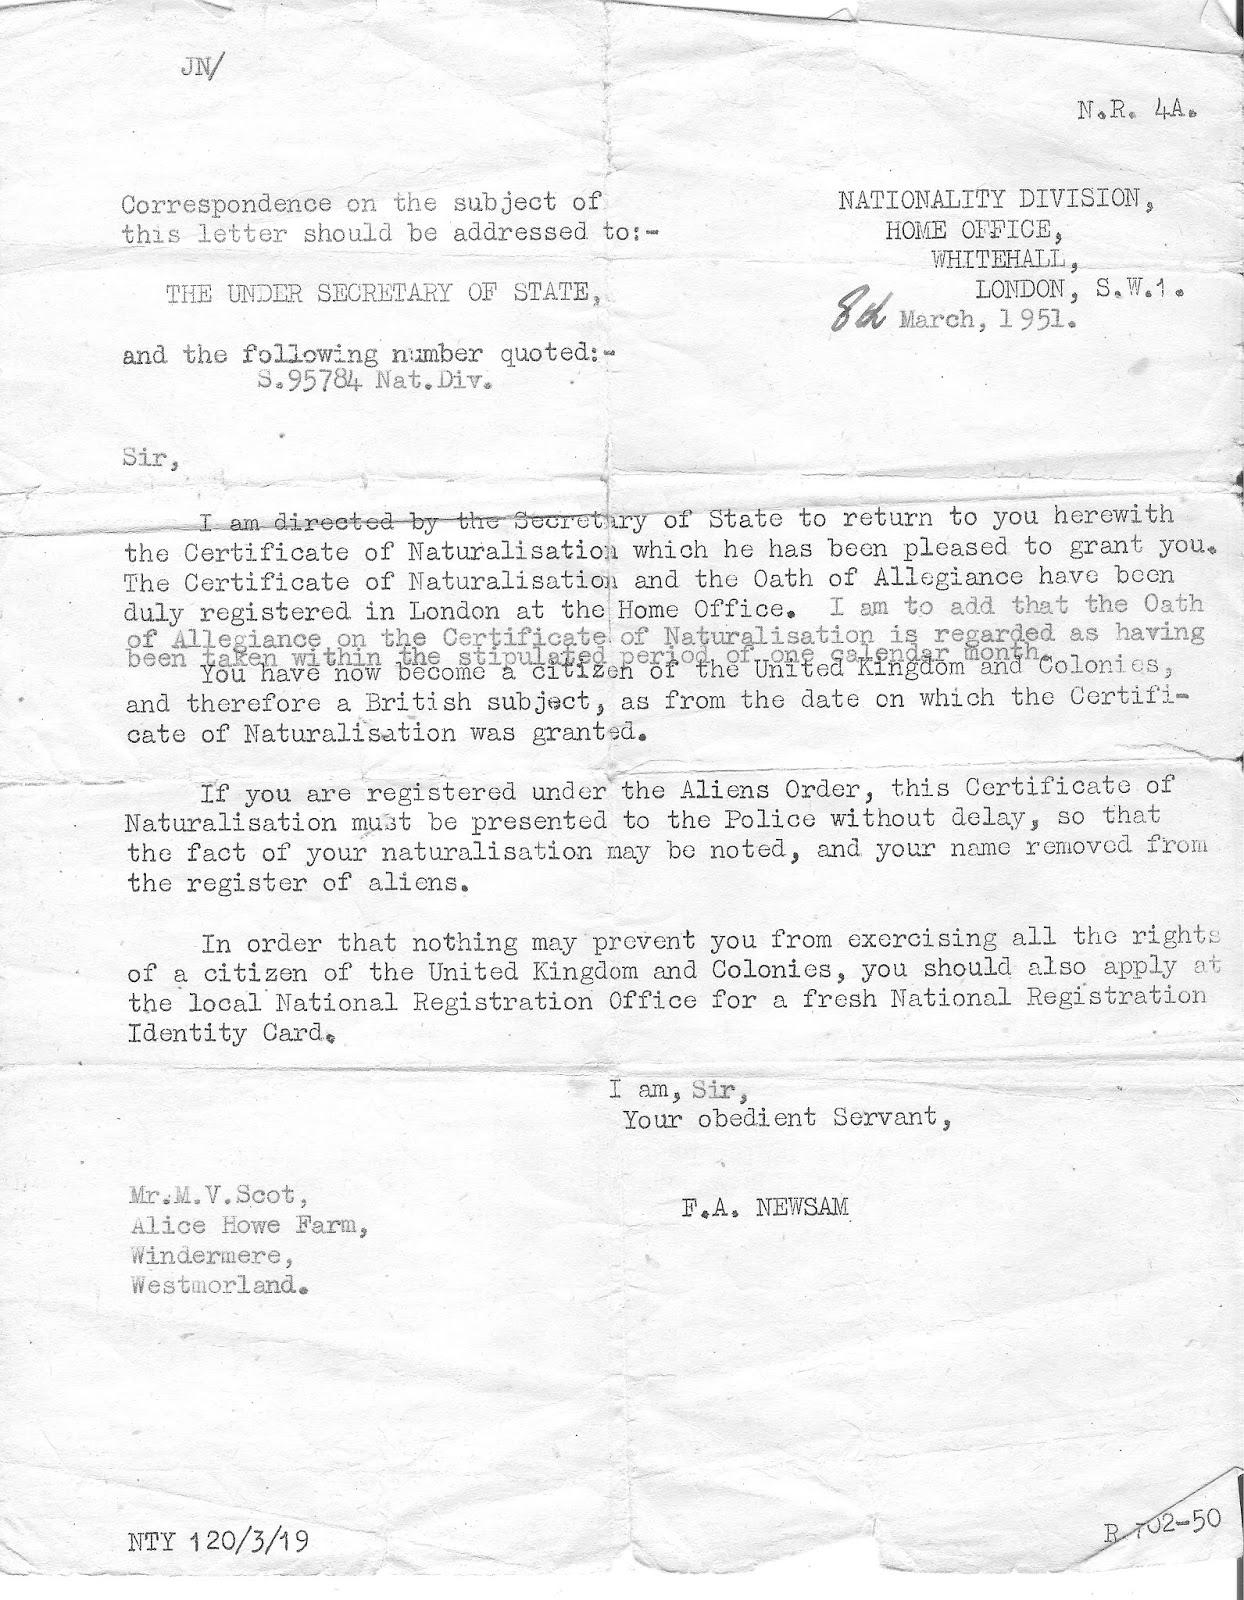 304 (POLISH) SQUADRON - RAF: MIECZYSLAW WALENTY SZKLARSKI (AKA SCOT)